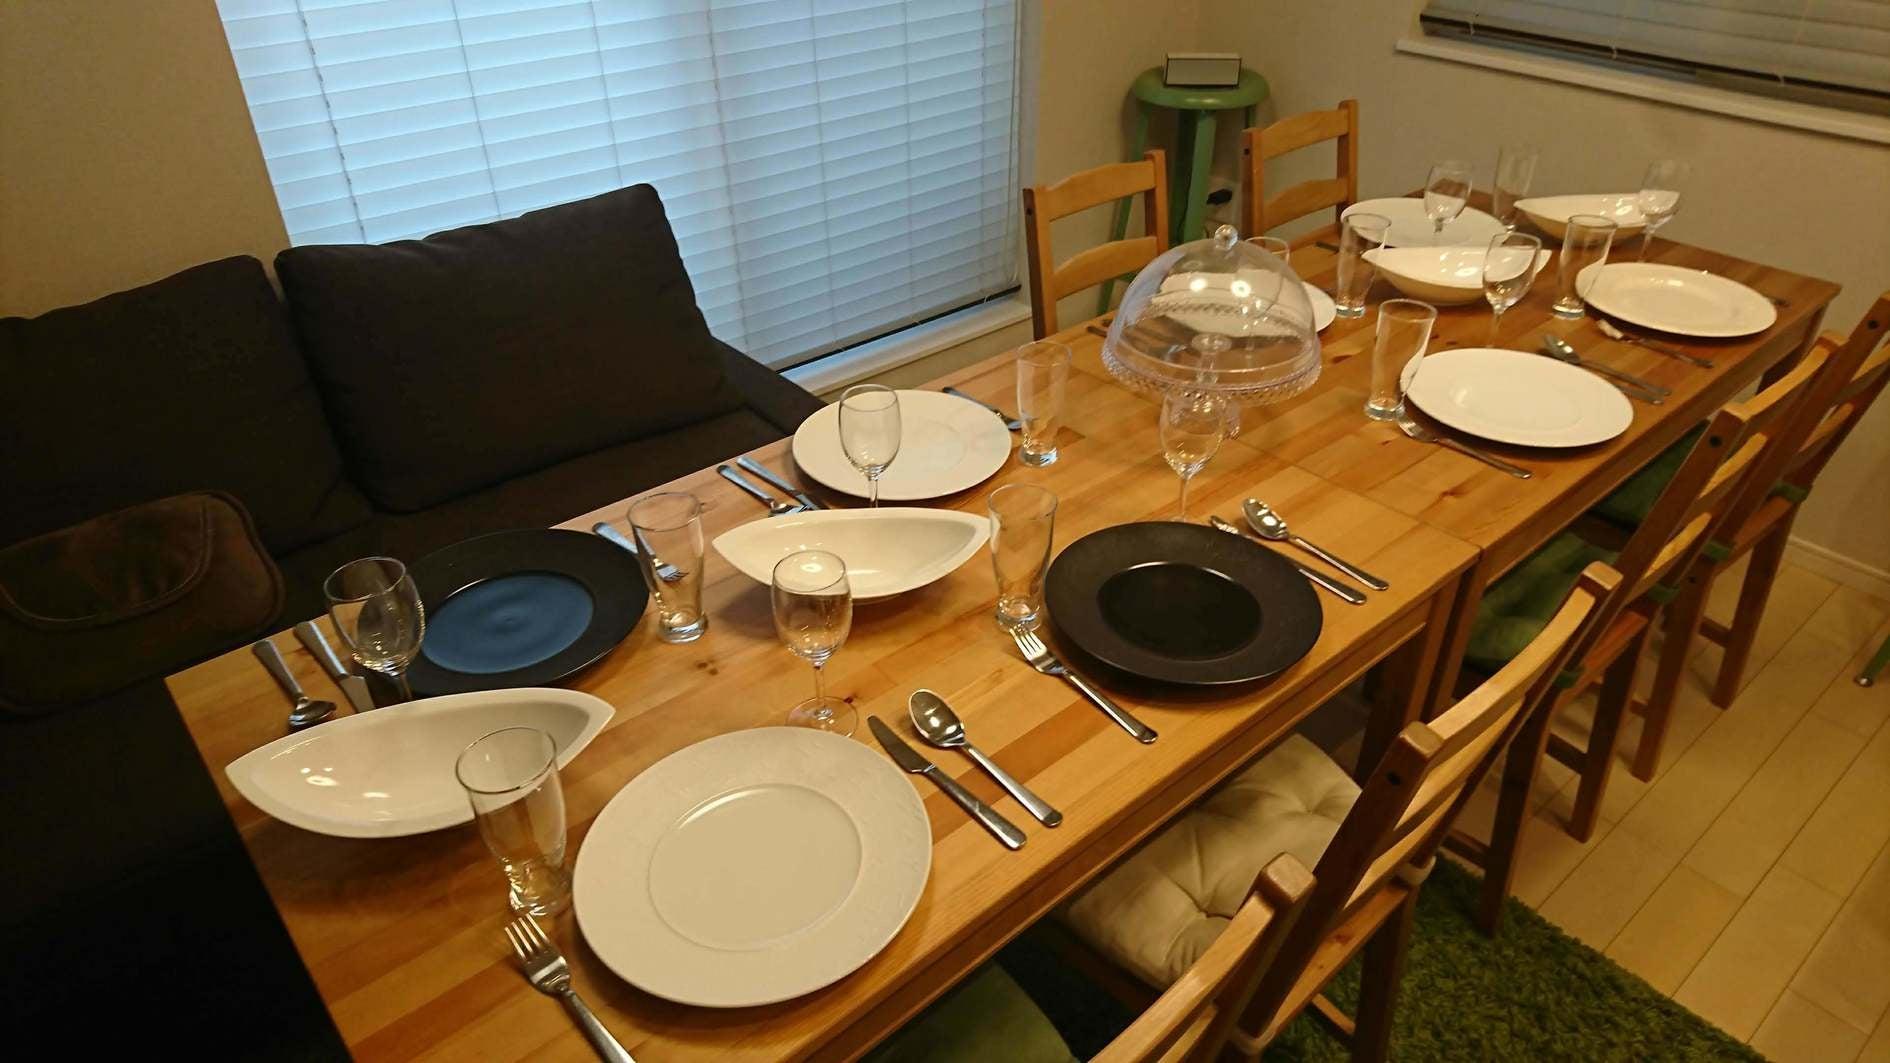 """備え付けの食器によるテーブルセッティング例 シュウオオニシオリジナルの""""モテメシプレート""""もご自由にお使い頂けます!"""